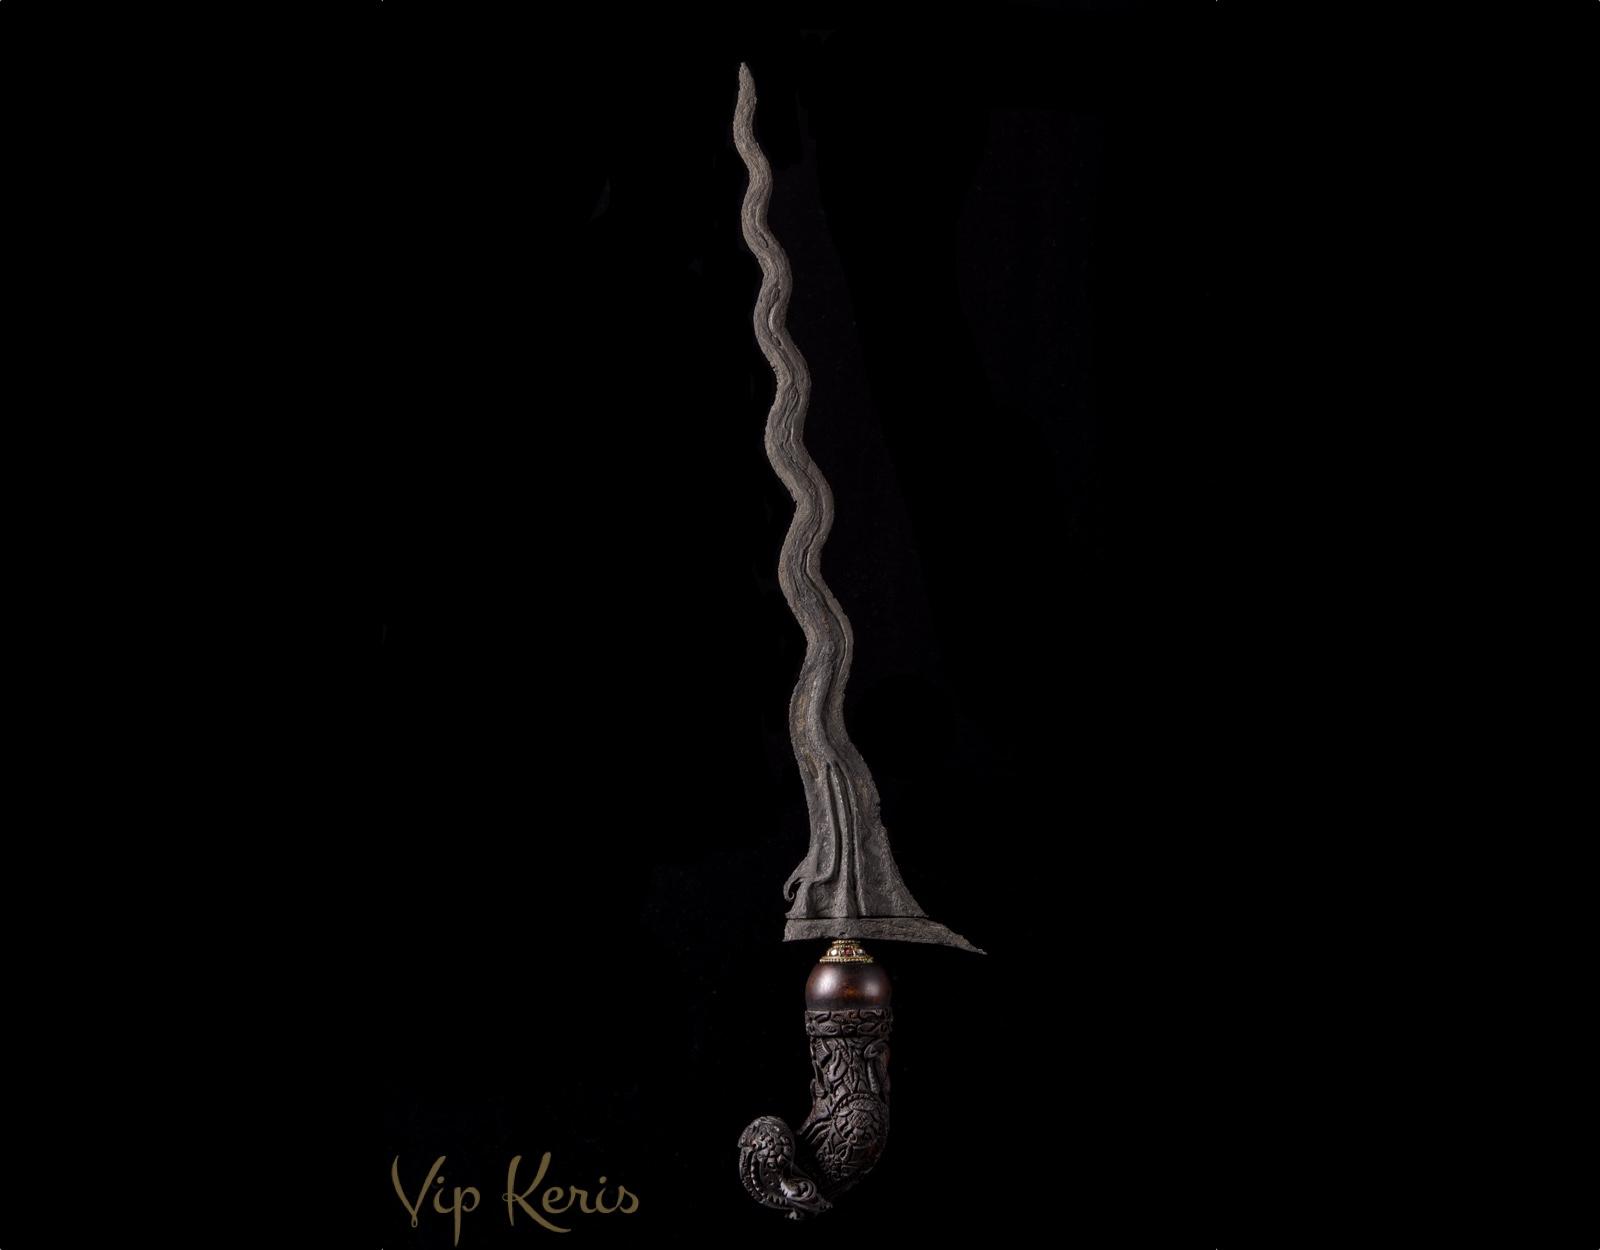 Кинжал Крис с 13 изгибами - Sengkelat, стихия Смерть!!! фото VipKeris